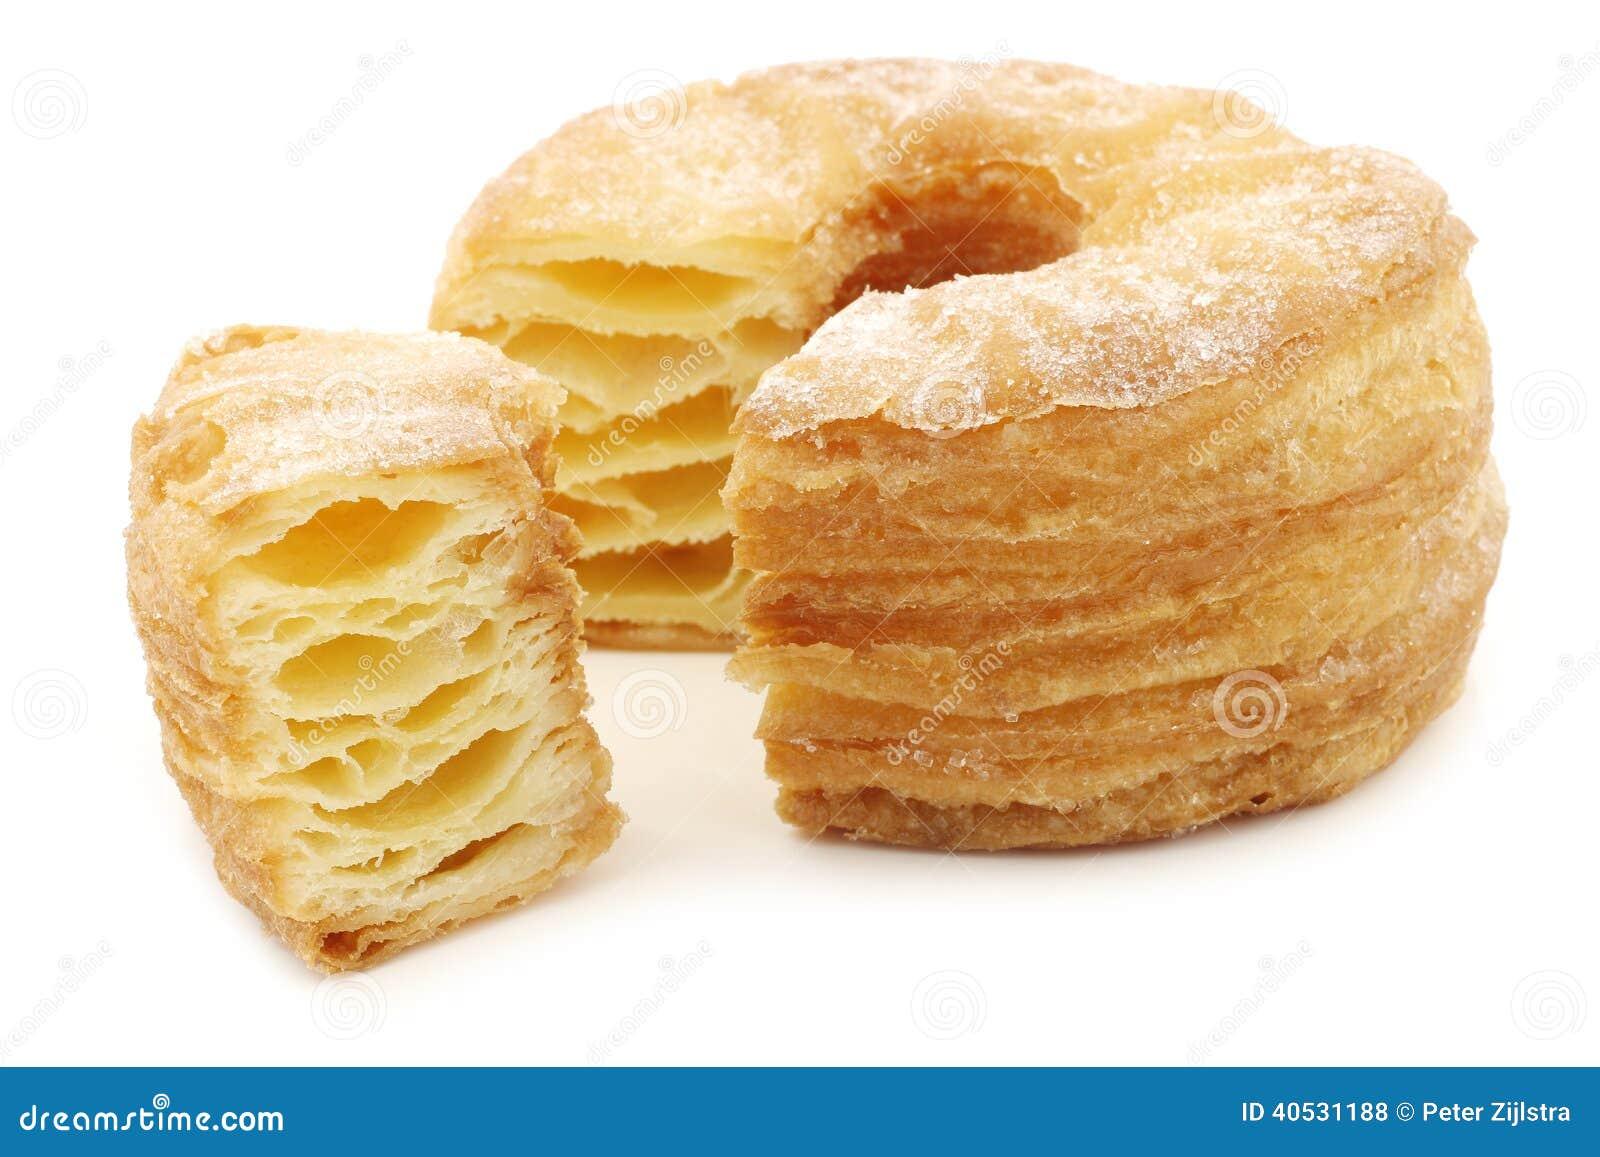 Beignet sucr de p te feuillet e avec un morceau de coupe photo stock image 40531188 - Pate a beignet avec levure de boulanger ...